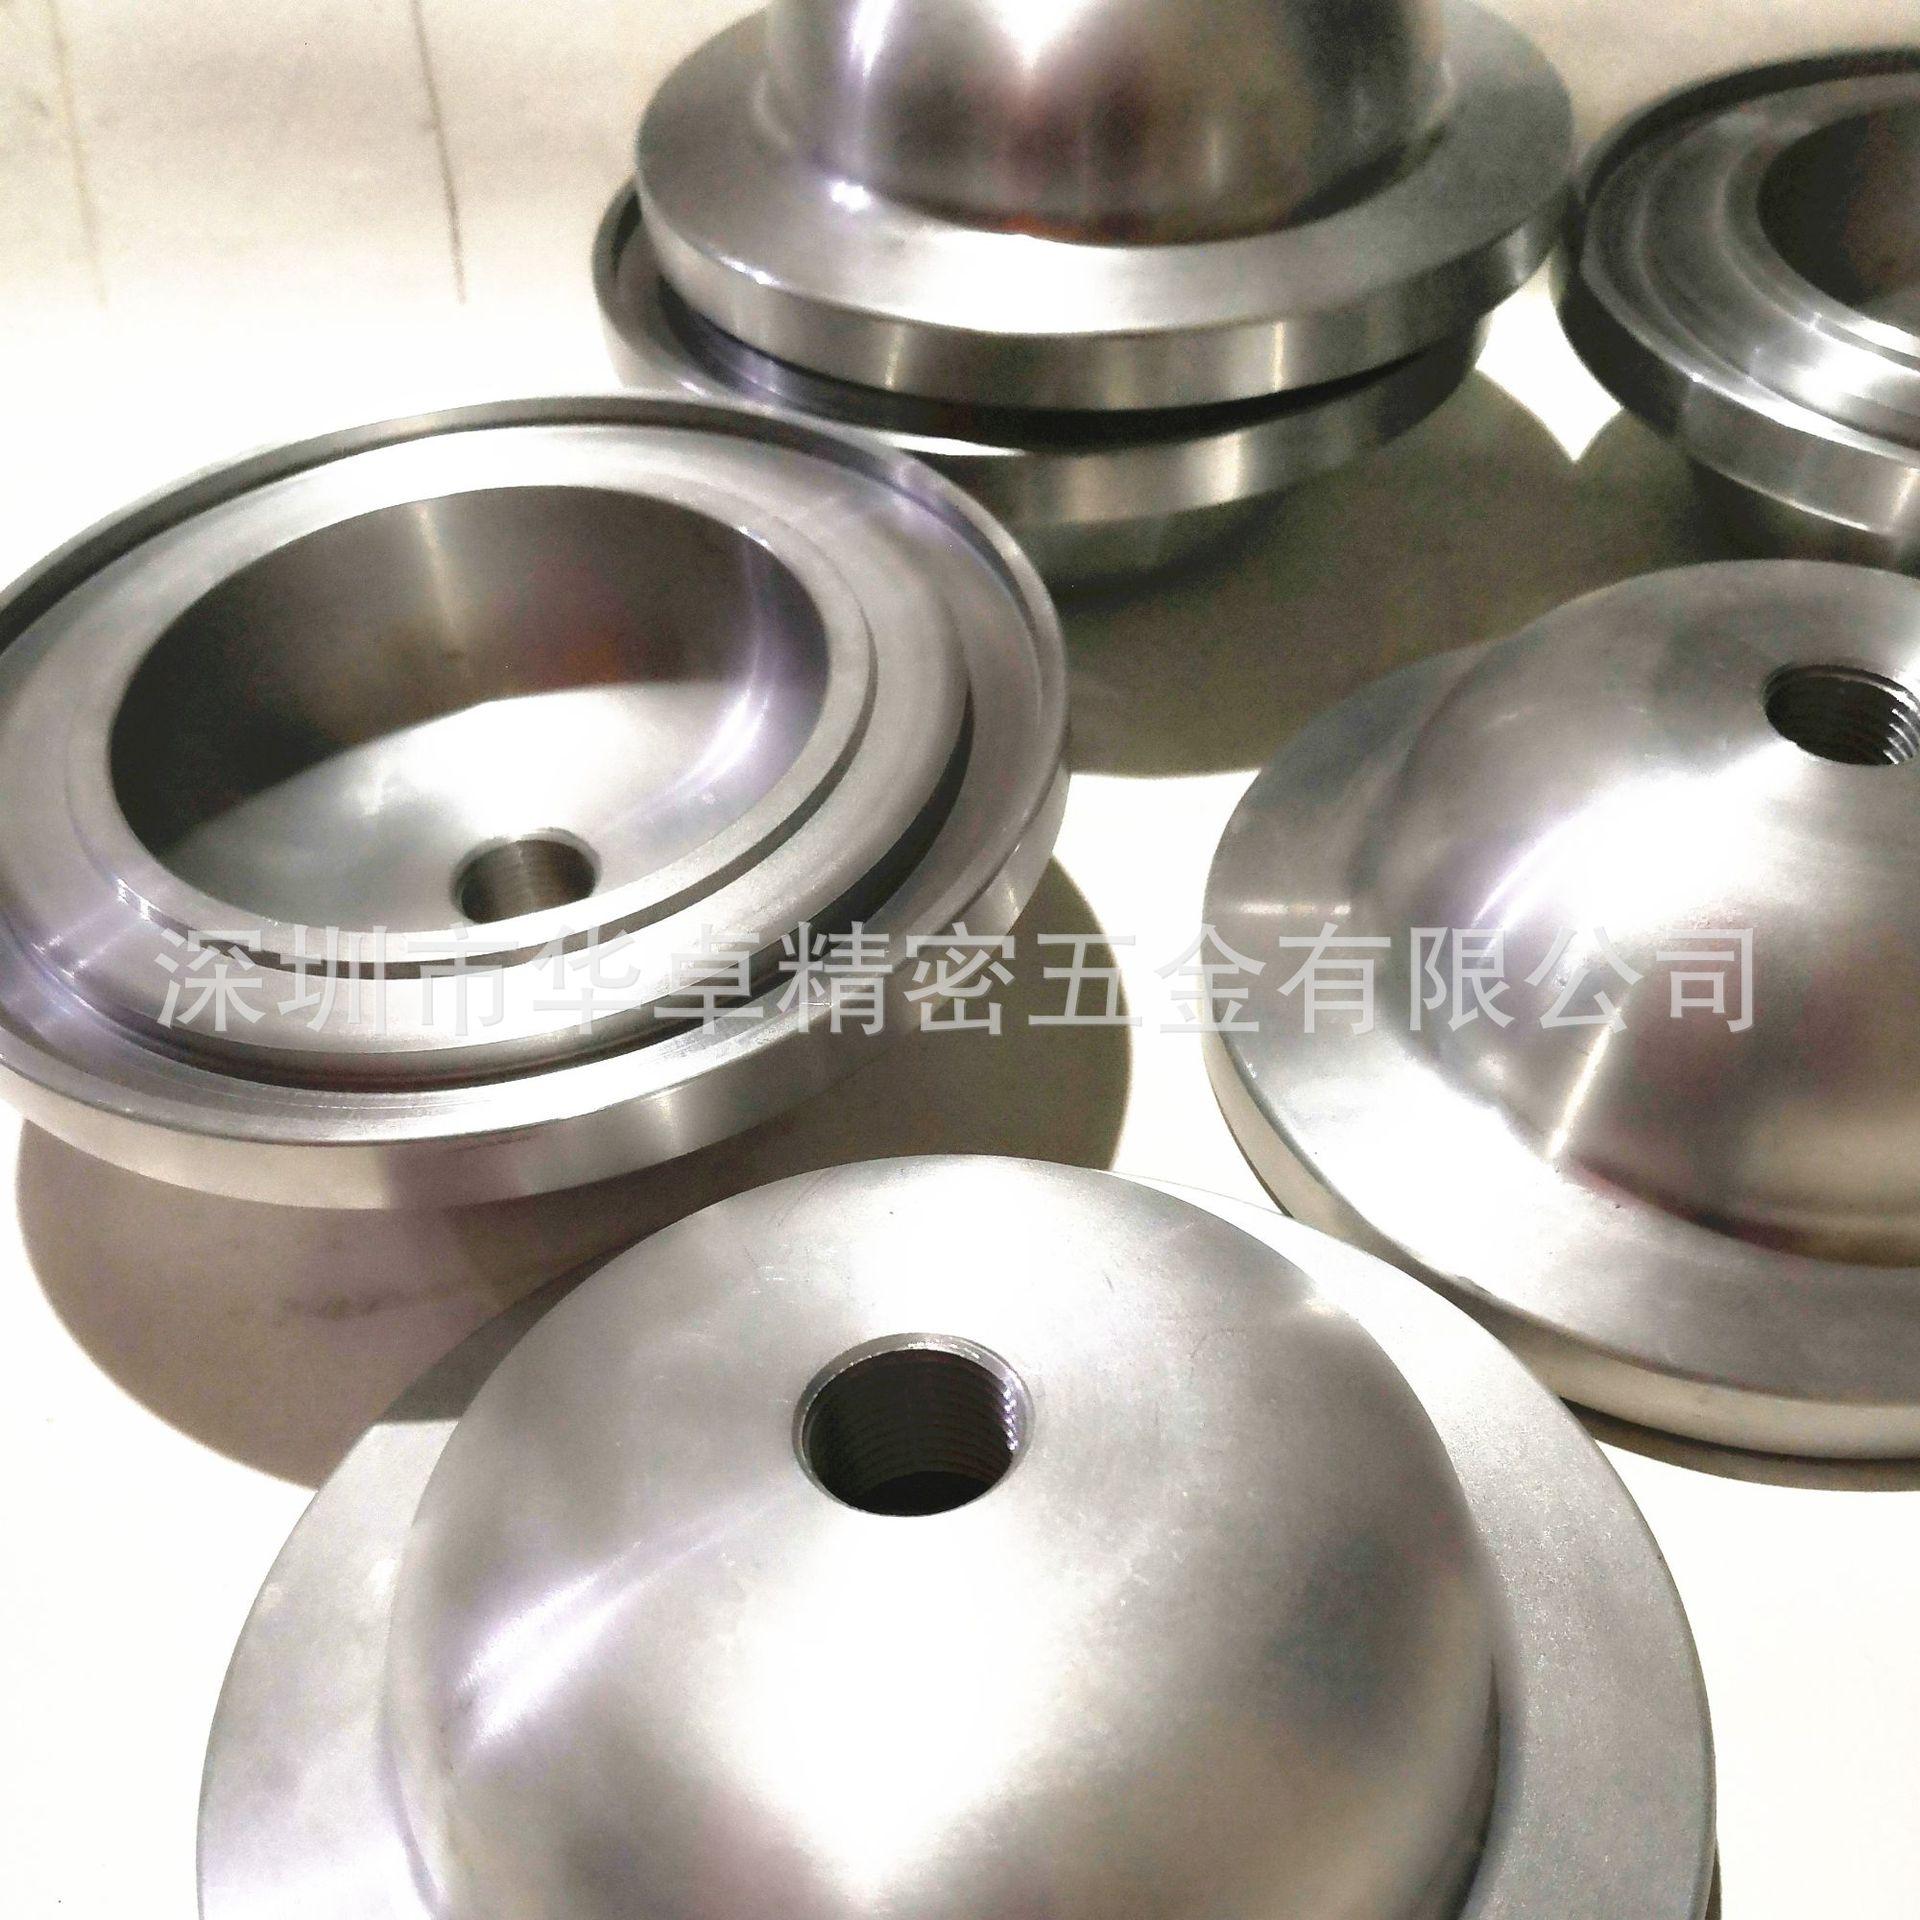 深圳數控車床CNC加工批量非標緊固件連接件螺栓螺母螺栓螺紋加工